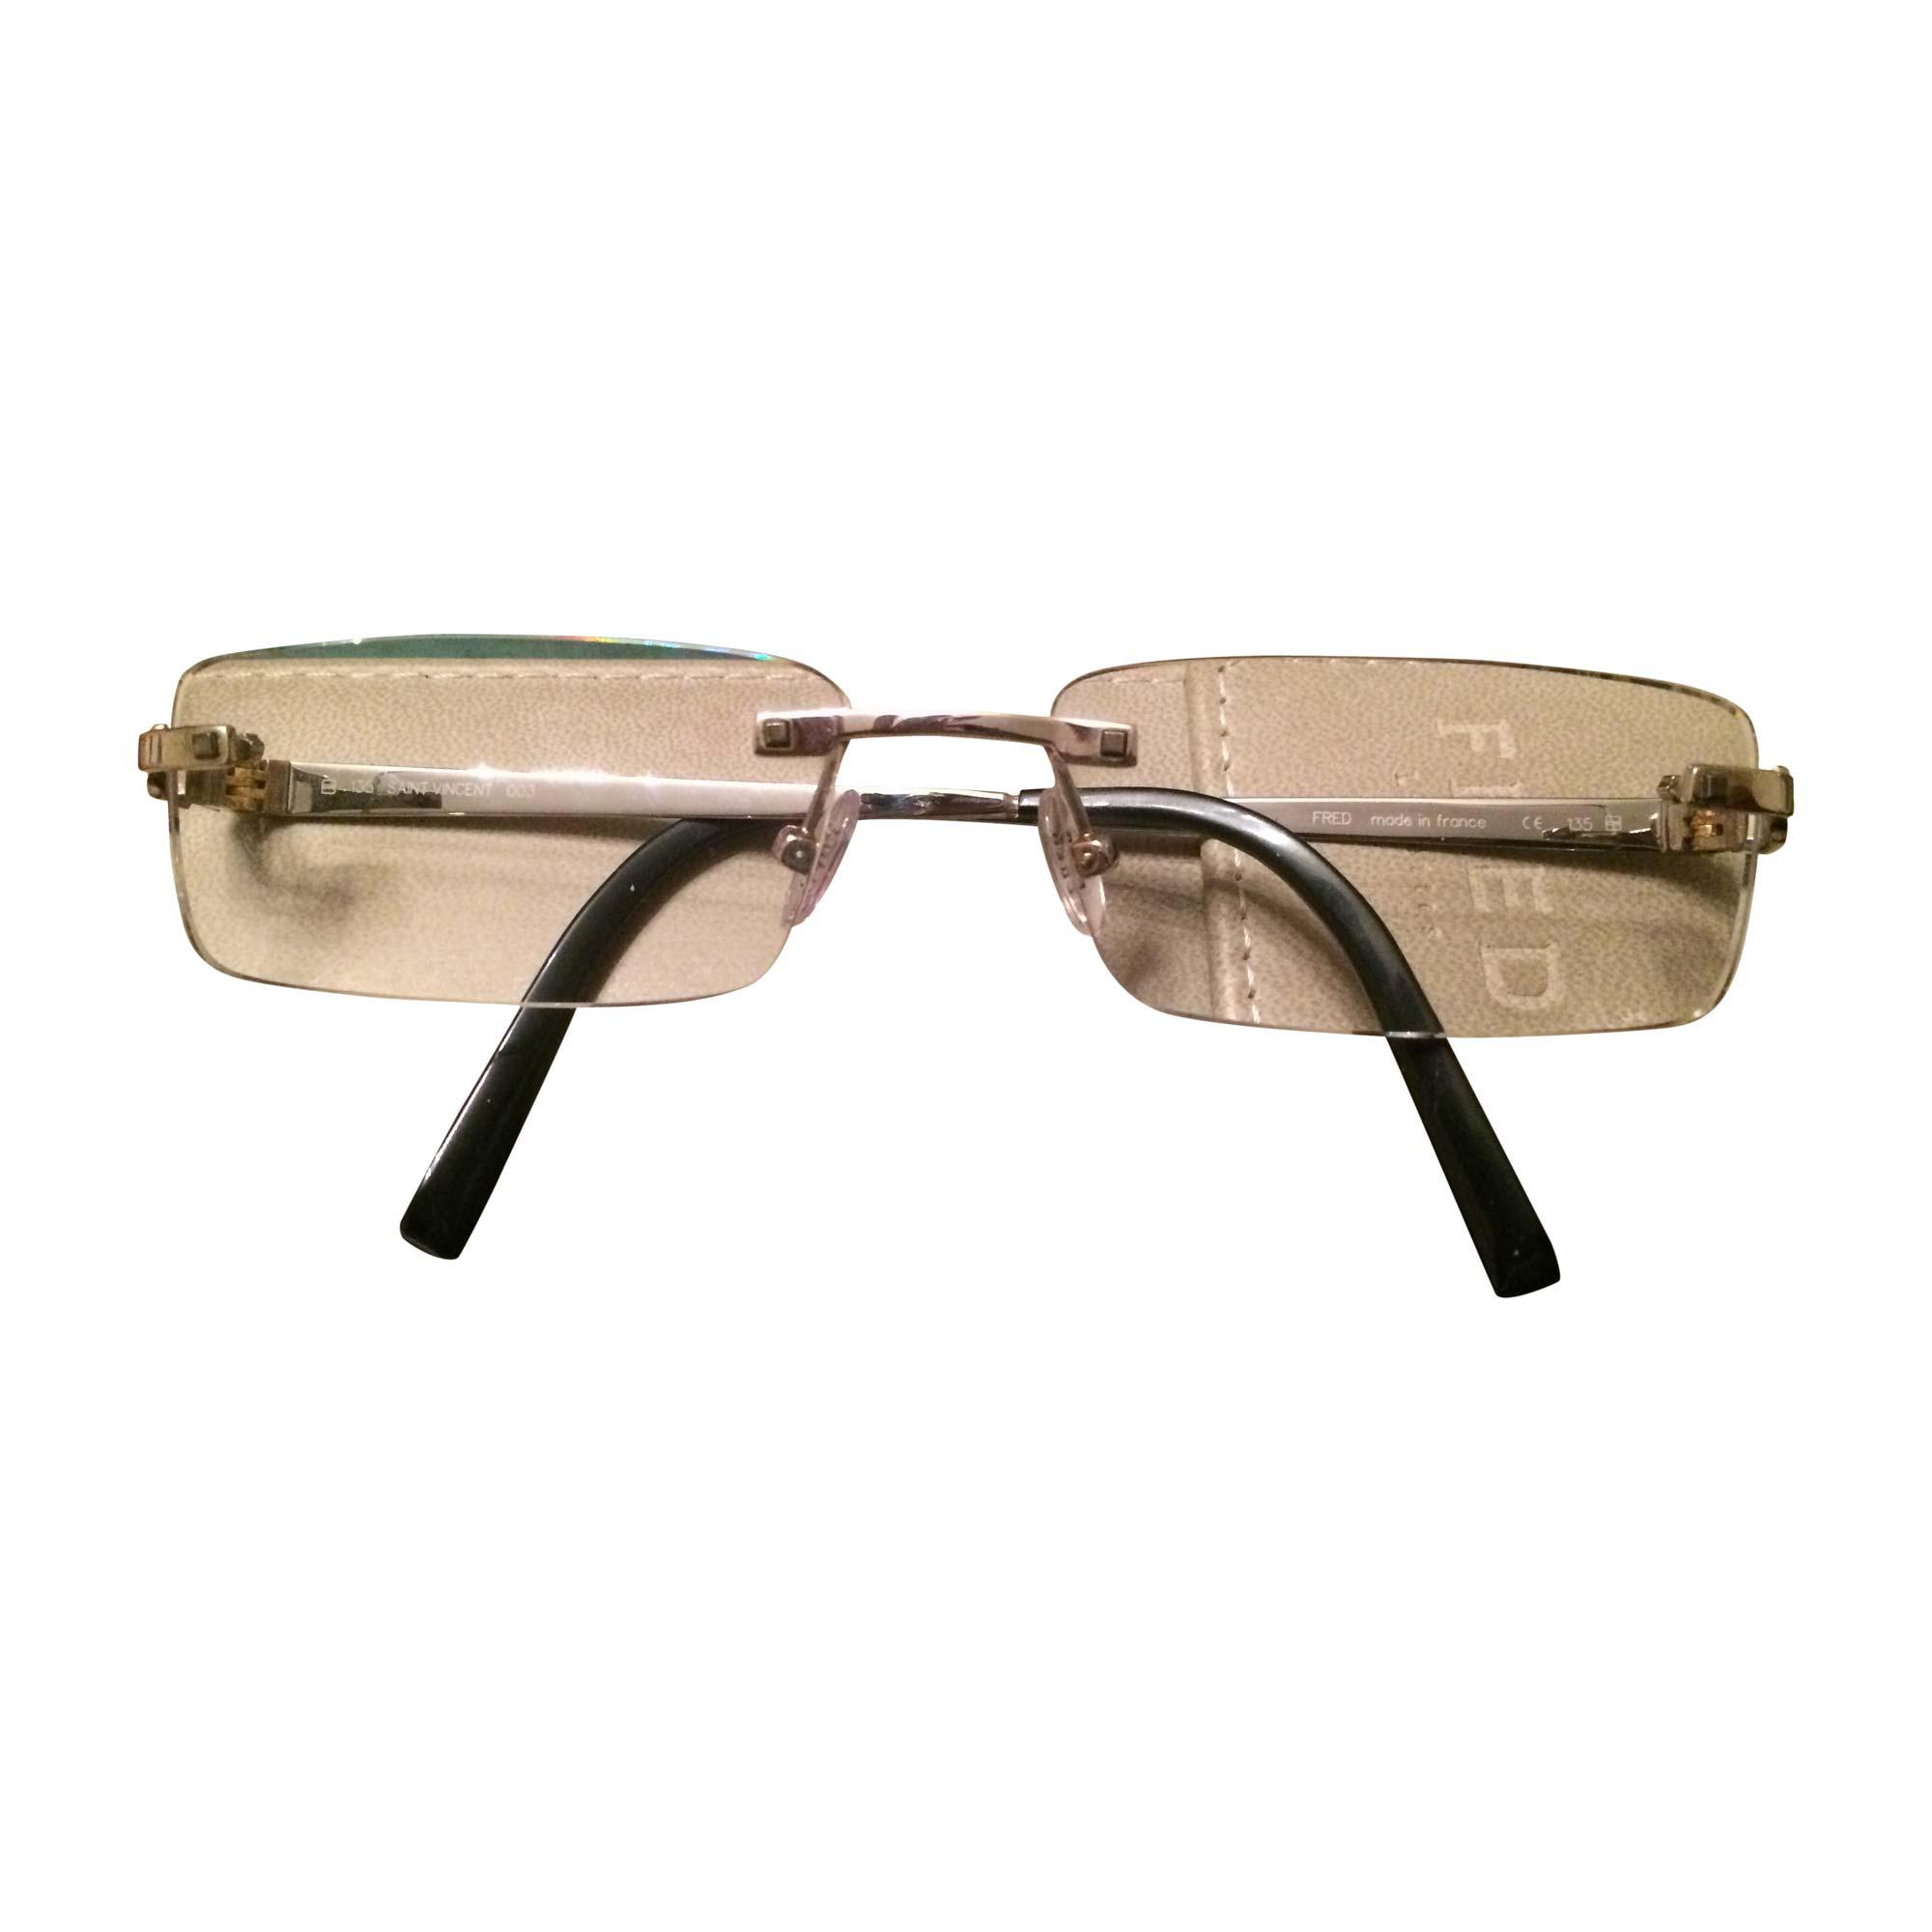 289cac8580ad2a Monture de lunettes FRED argenté vendu par Lucie3647 - 7292087